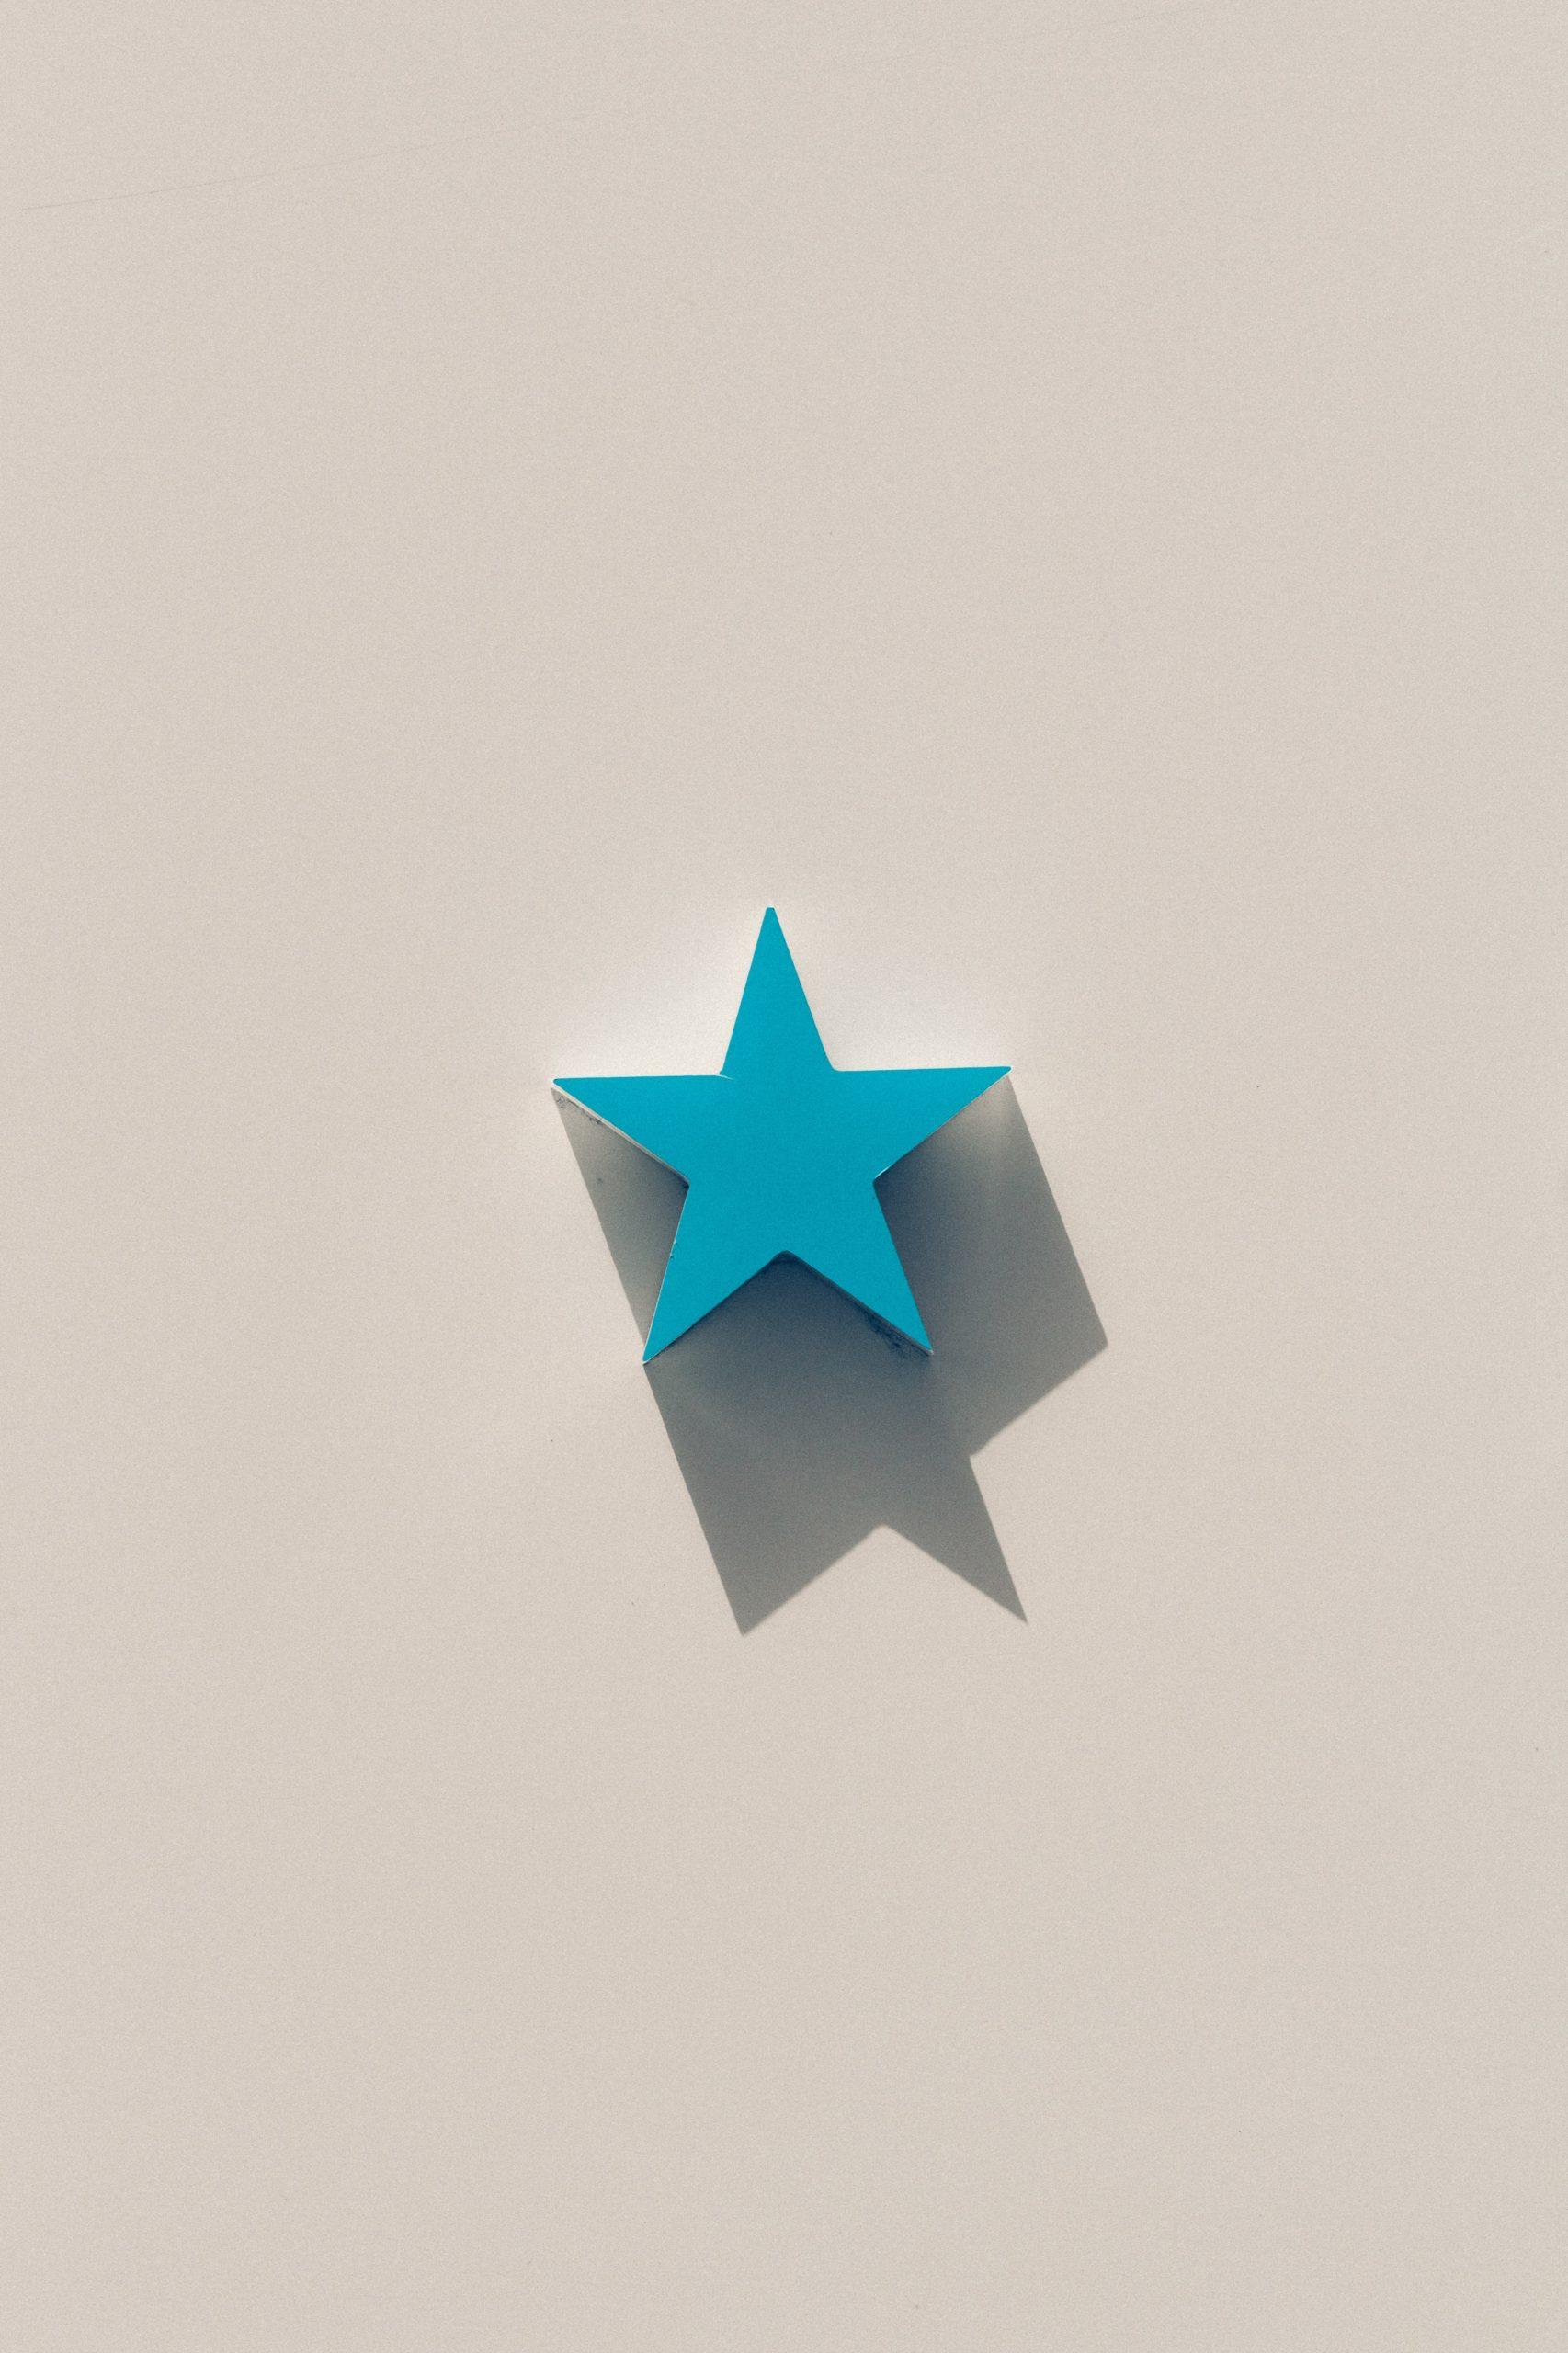 【乃木坂46】僕の推しである星野みなみの魅力をただ語る記事